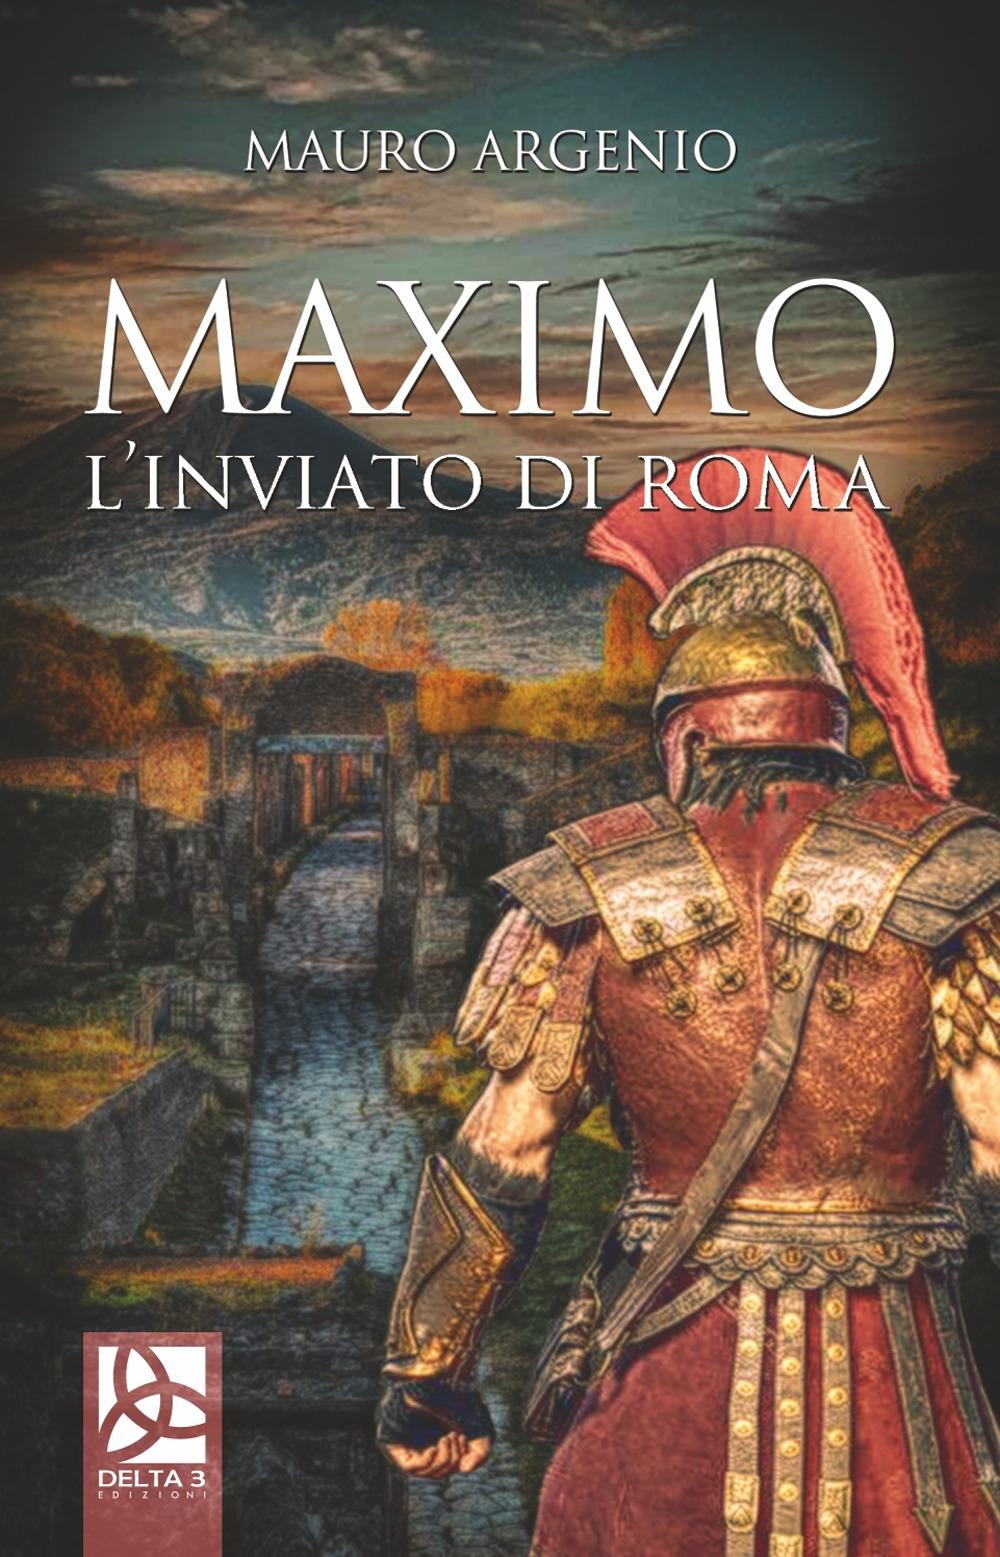 Maximo. L'Inviato di Roma